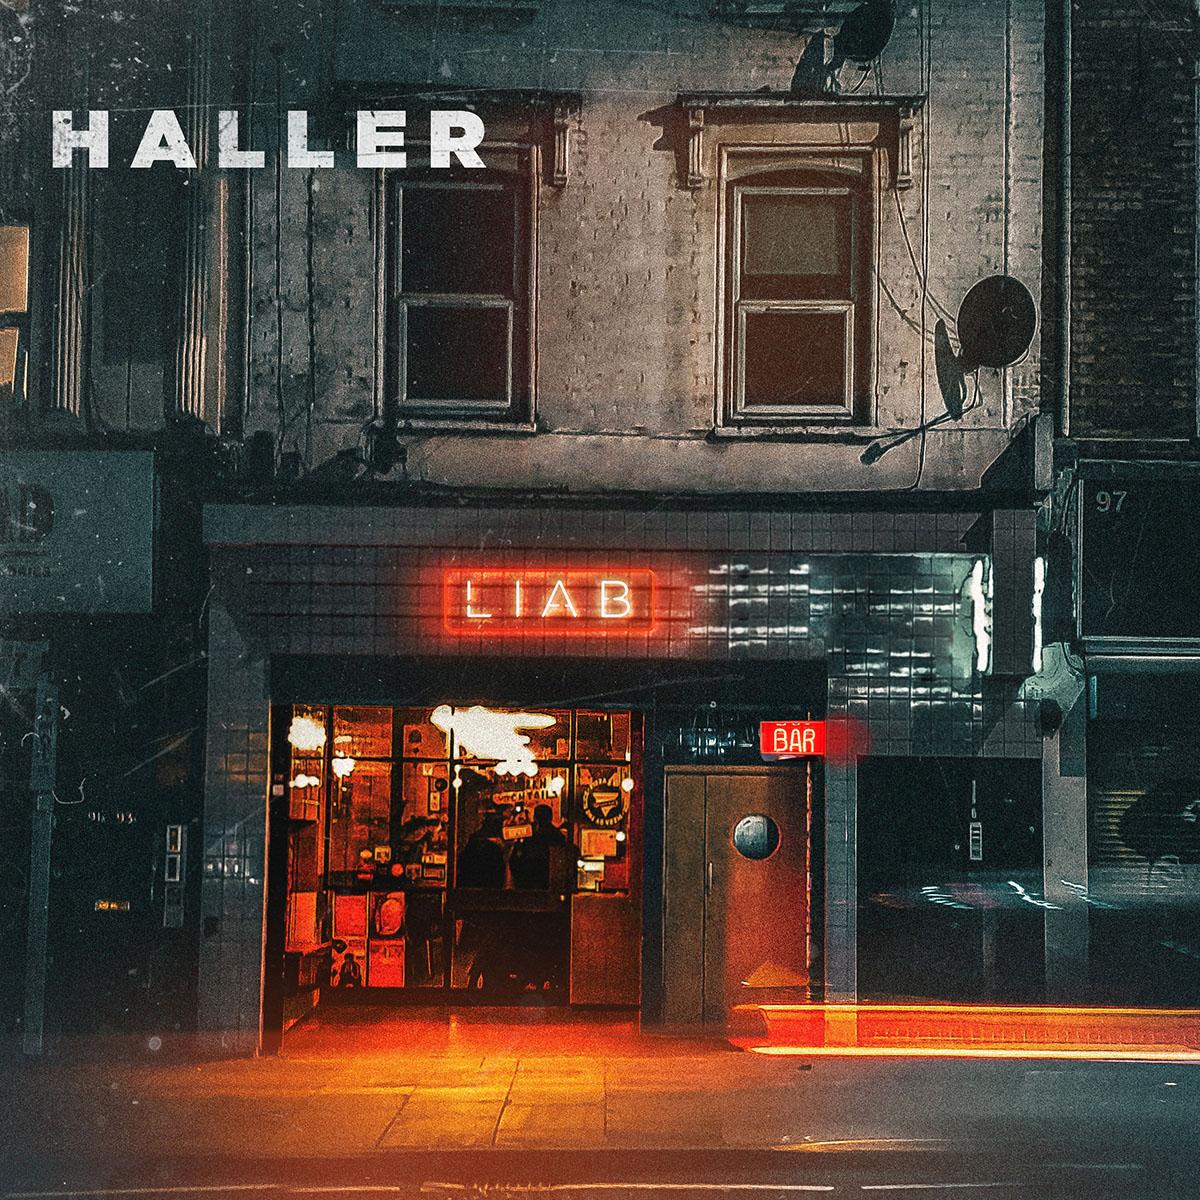 Nate Haller